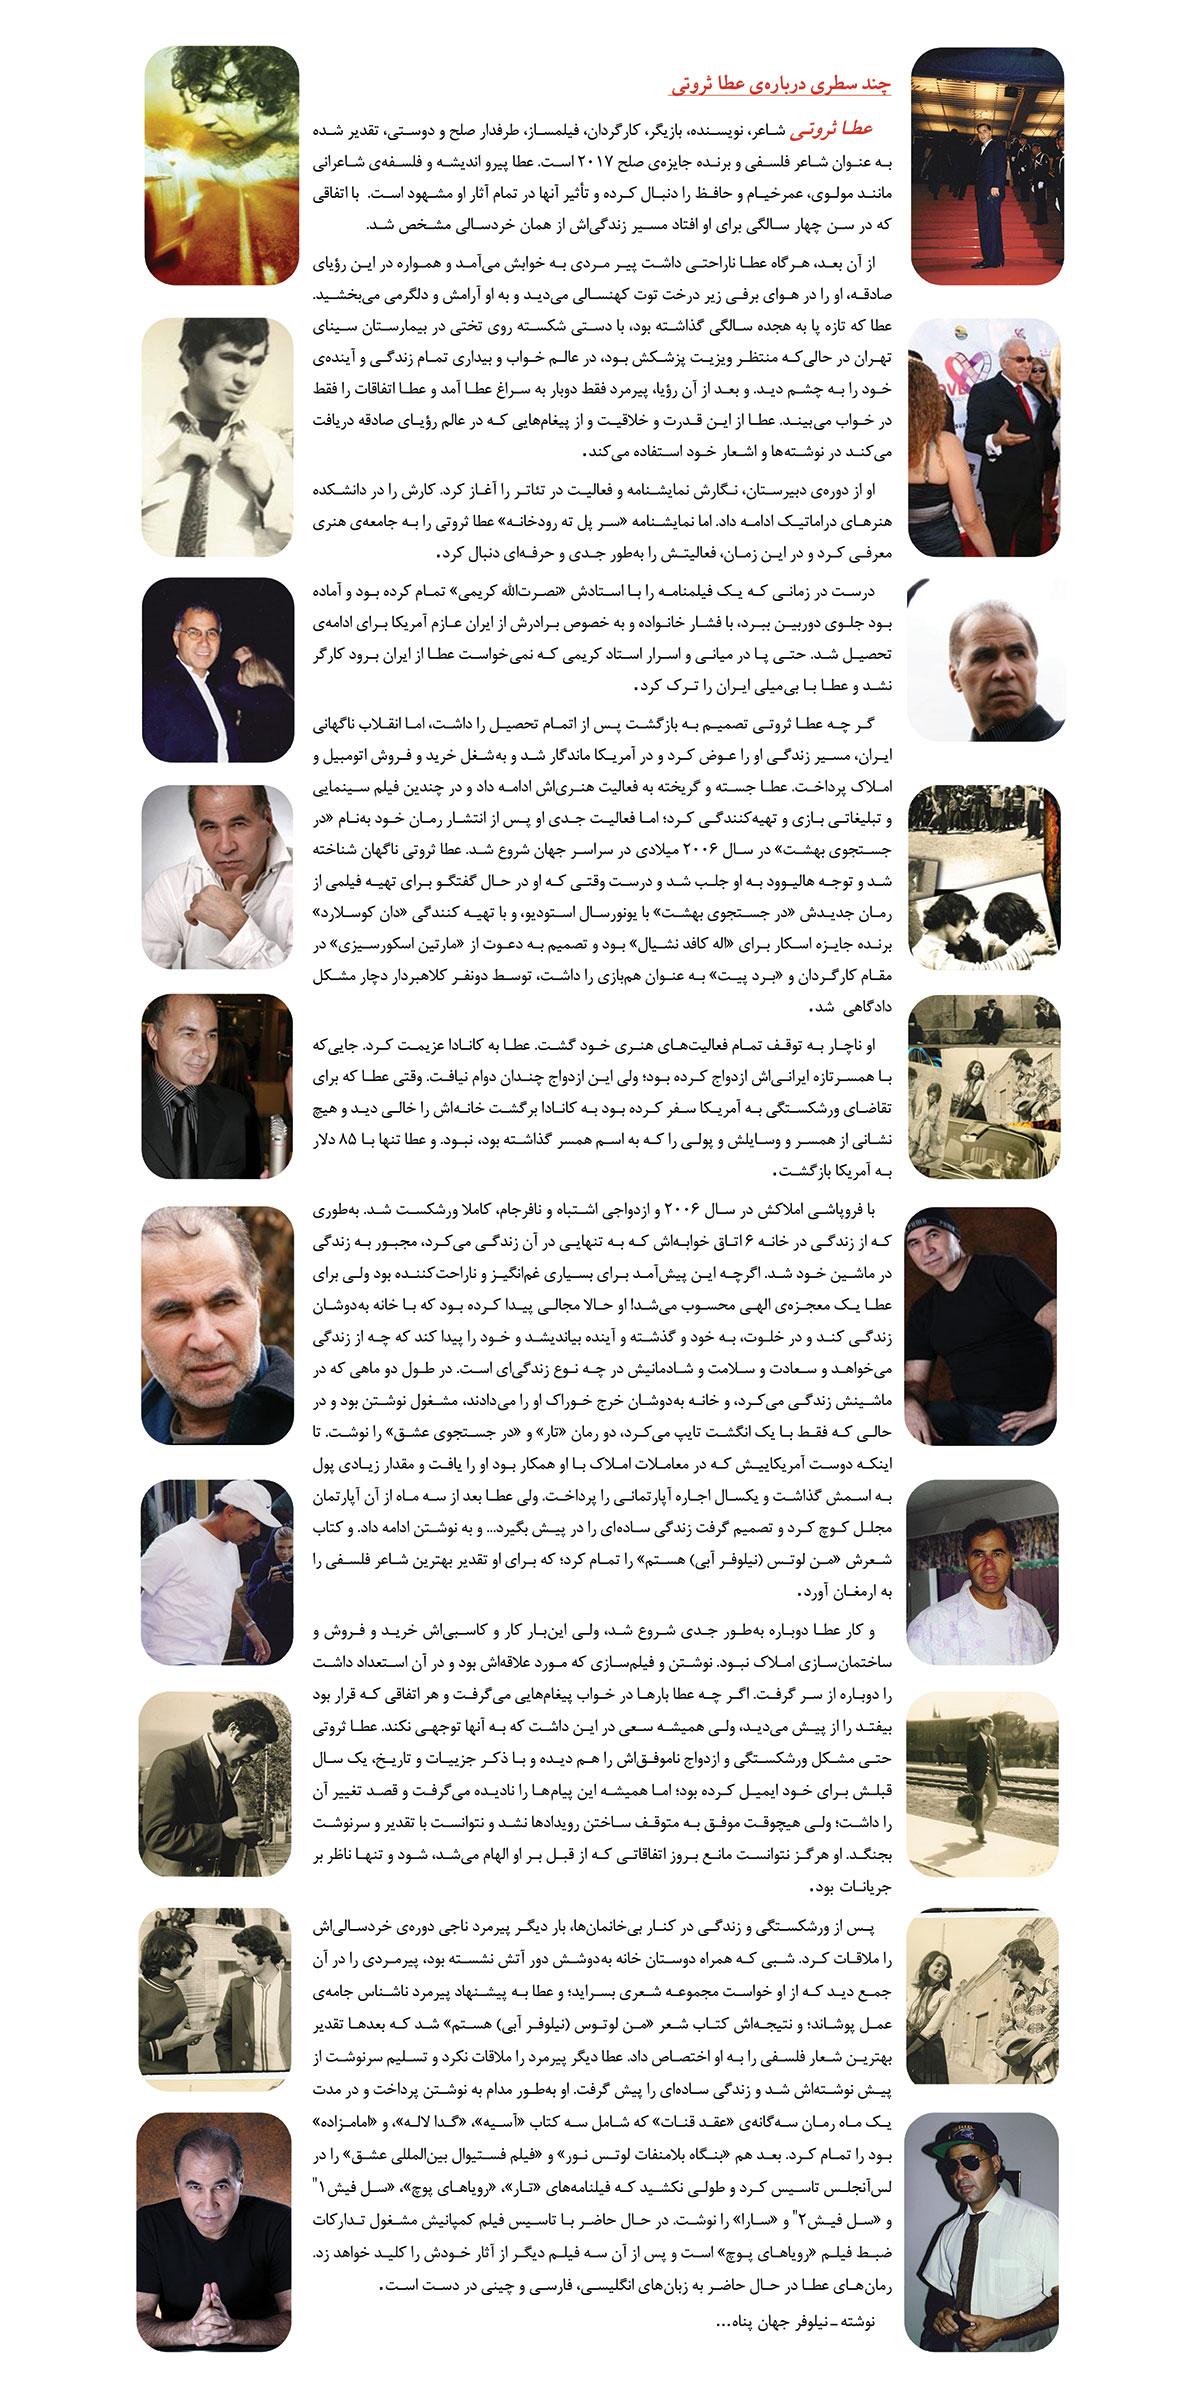 Atas-Bio-Farsi-jun-10-2020